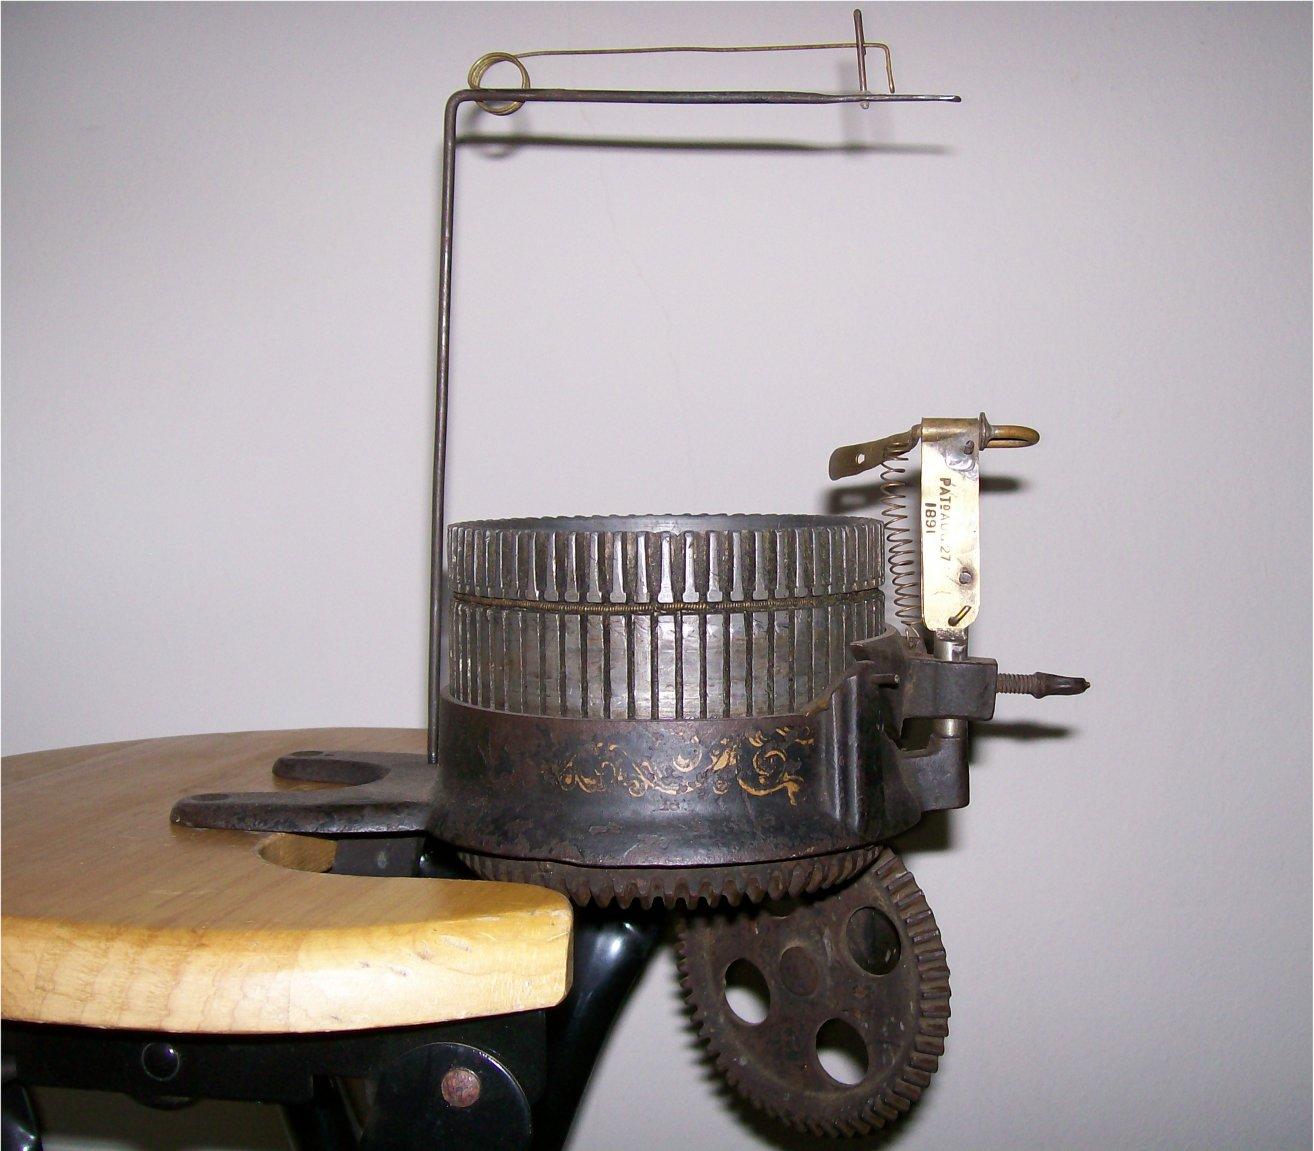 Вязальная мельница, она же мини-вязальная машина - Клуб Осинка 41